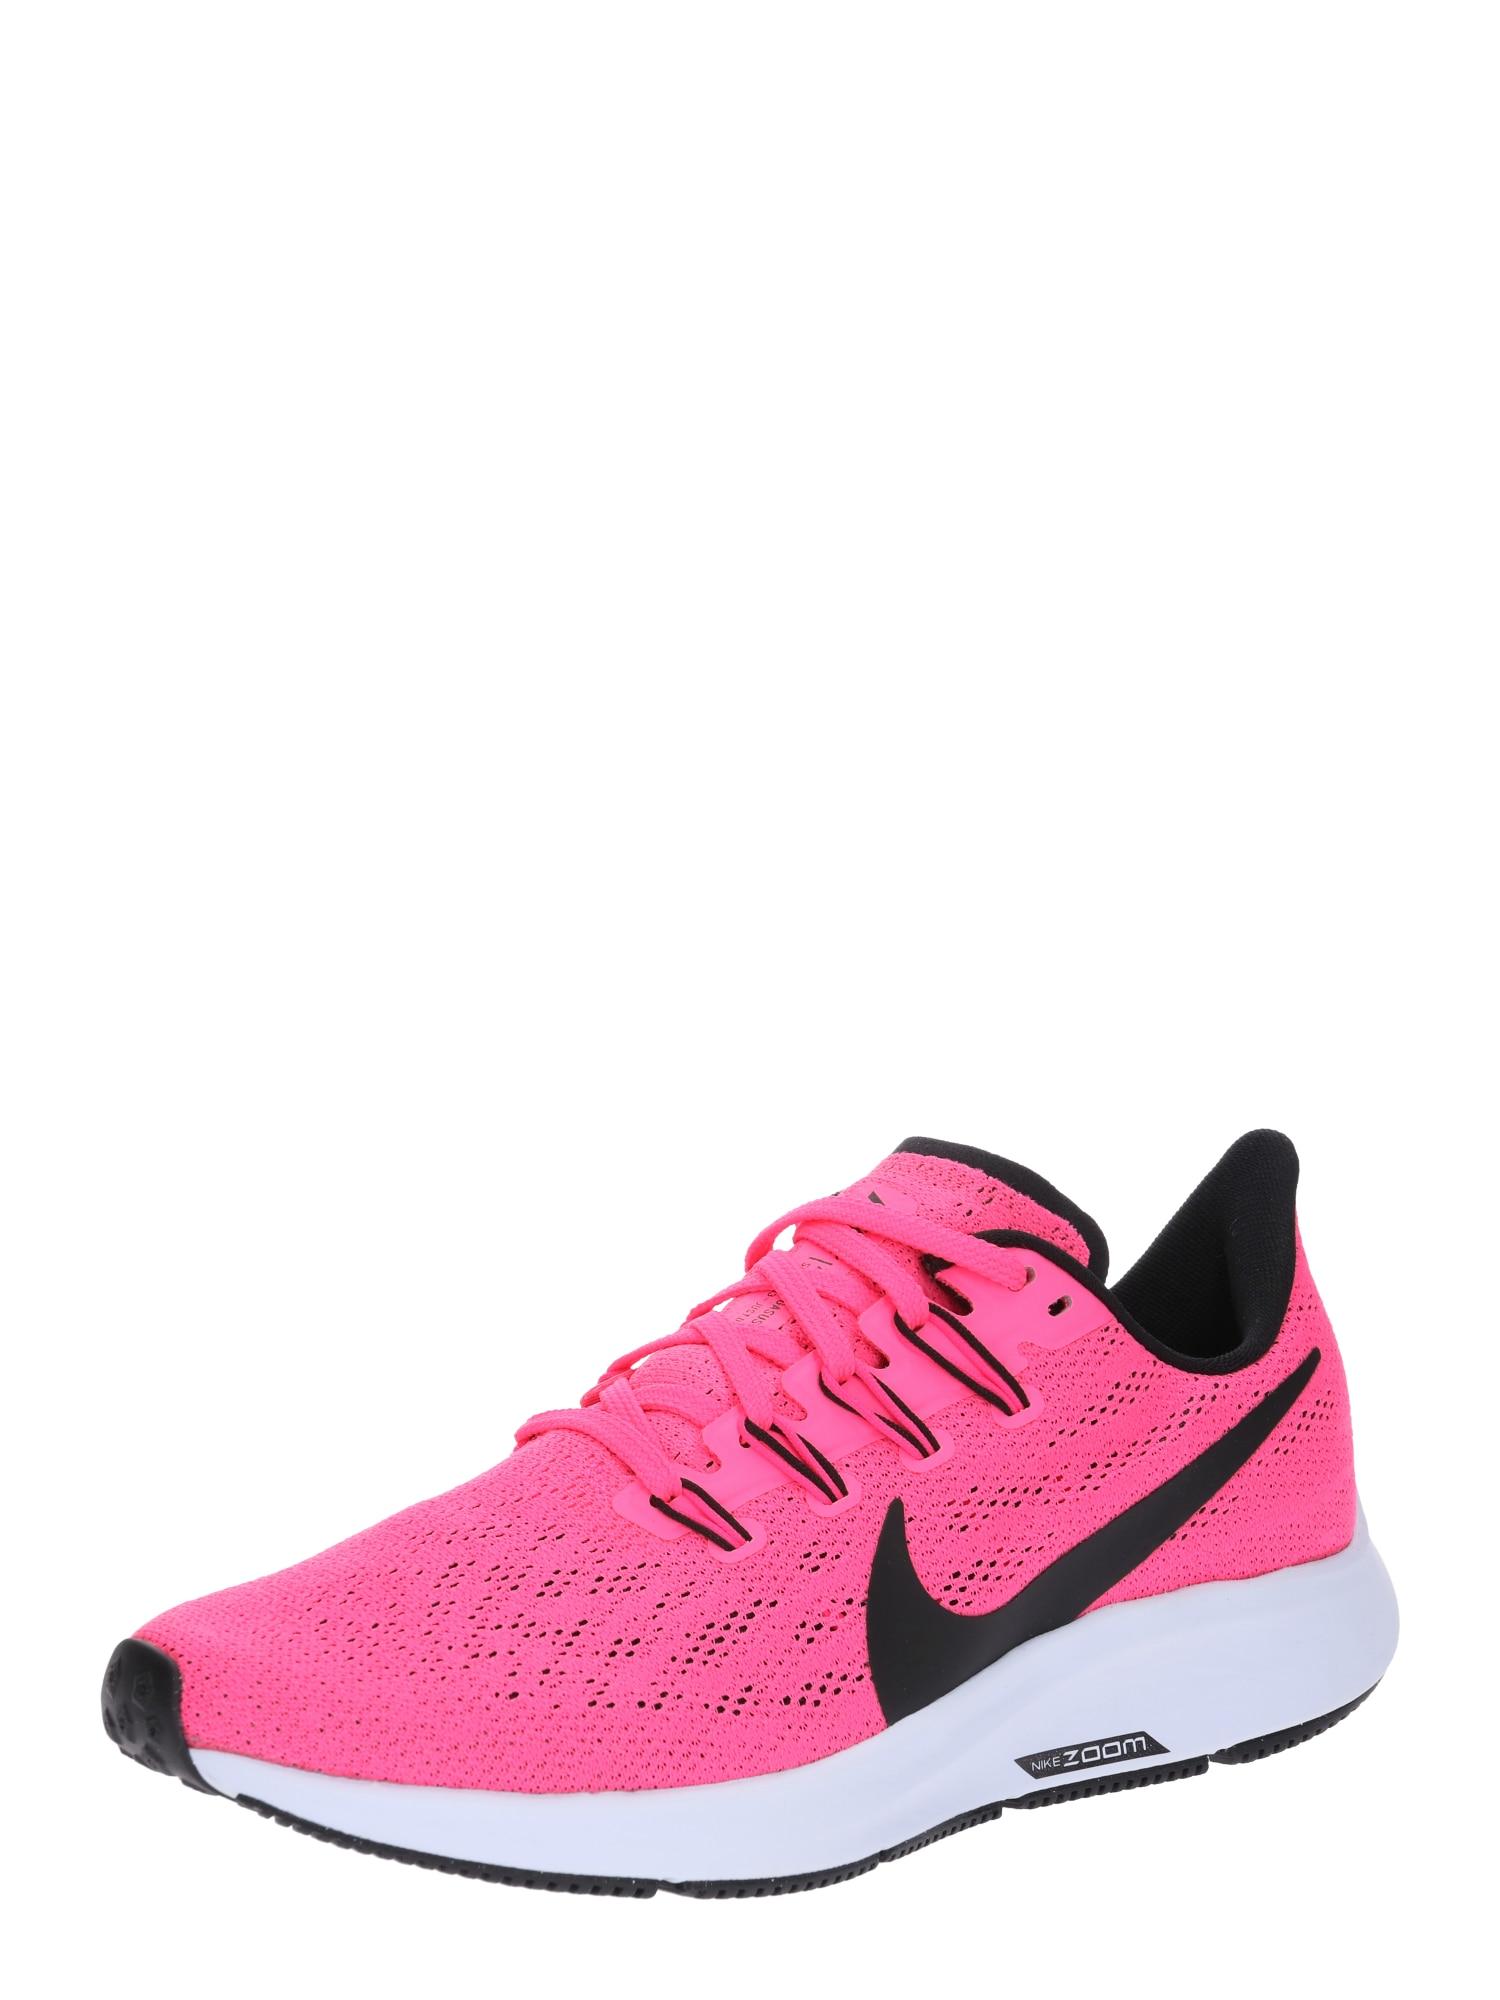 Běžecká obuv WMNS AIR ZOOM PEGASUS 36 pink černá NIKE